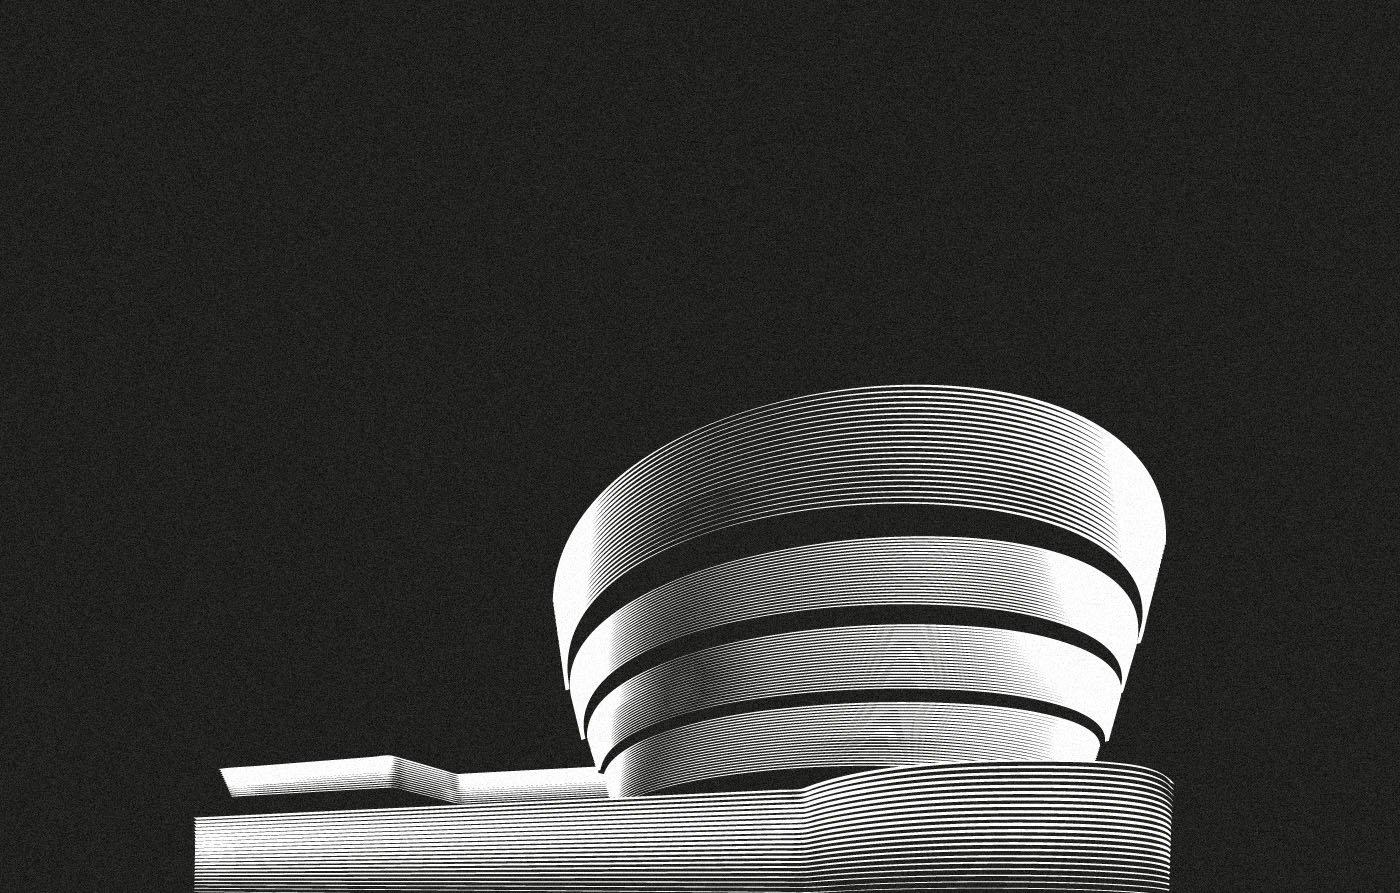 Architecture_Architectural_Illustration_Andrea_Minini_02